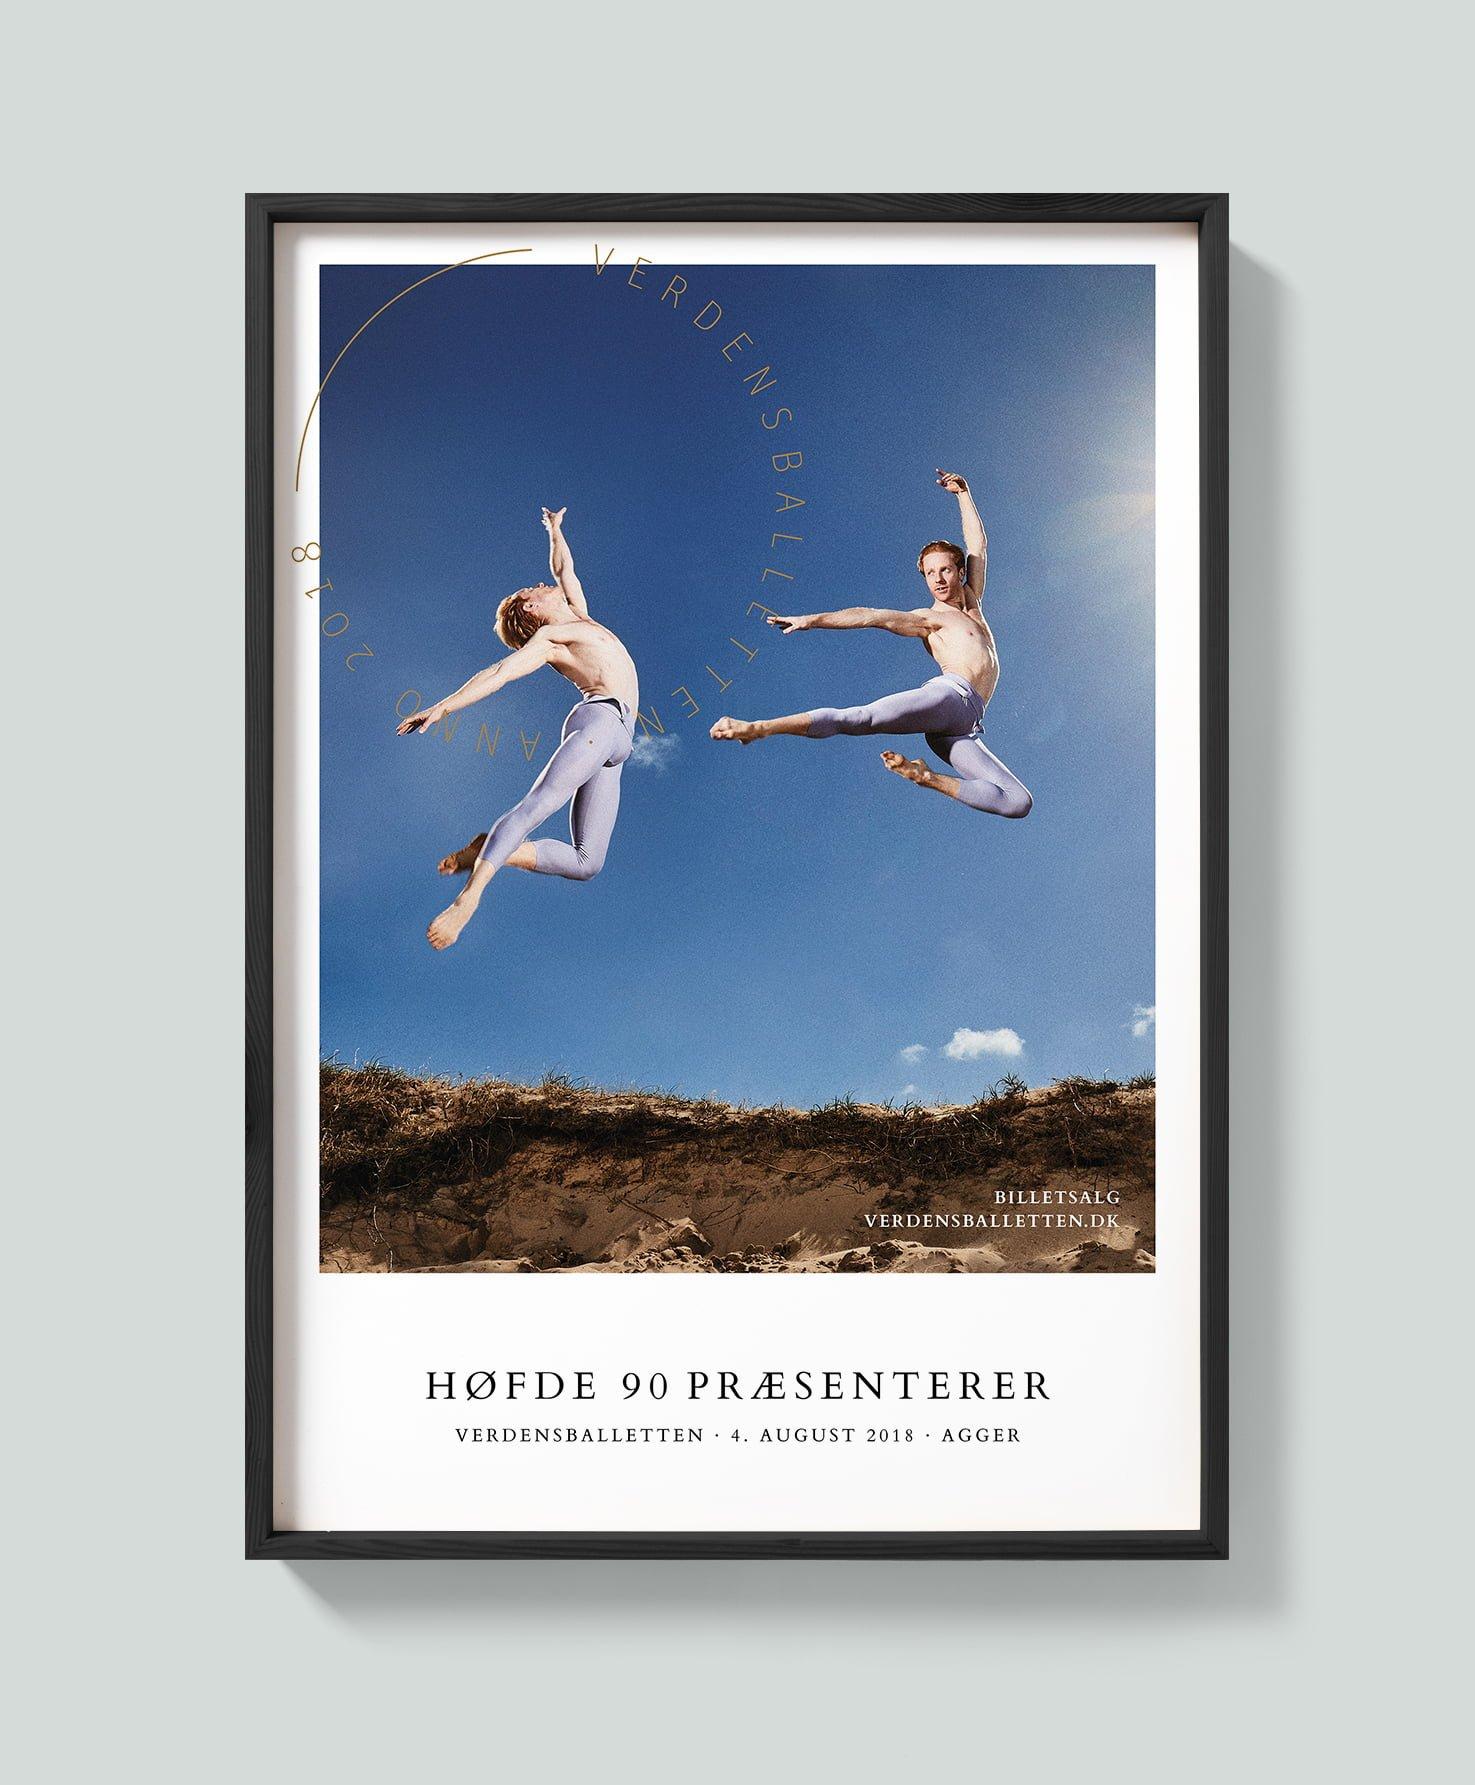 Verdensballetten_mockup poster_Agger 2018 sort